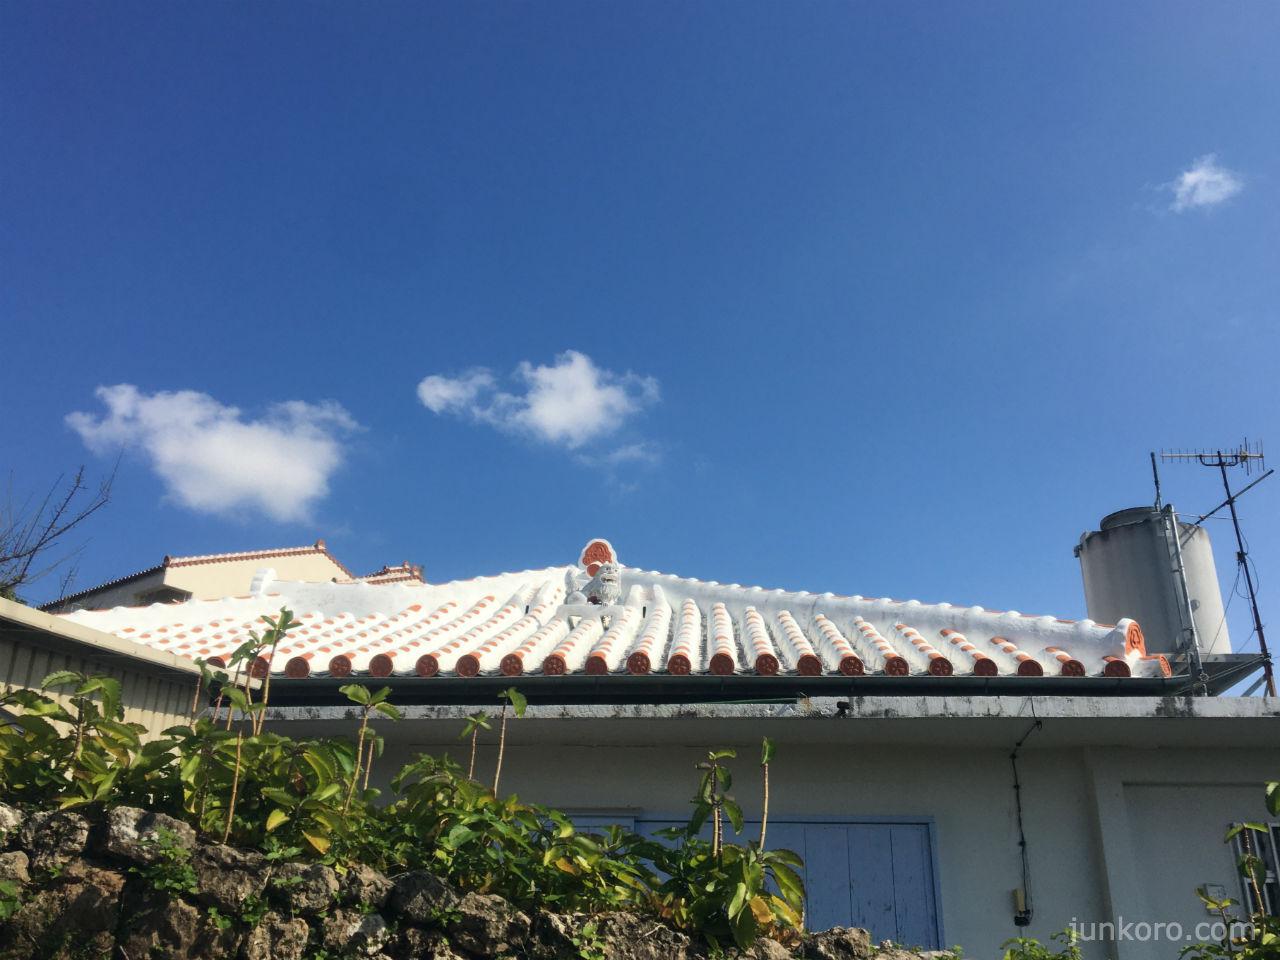 沖縄の風景 白い屋根とシーサー